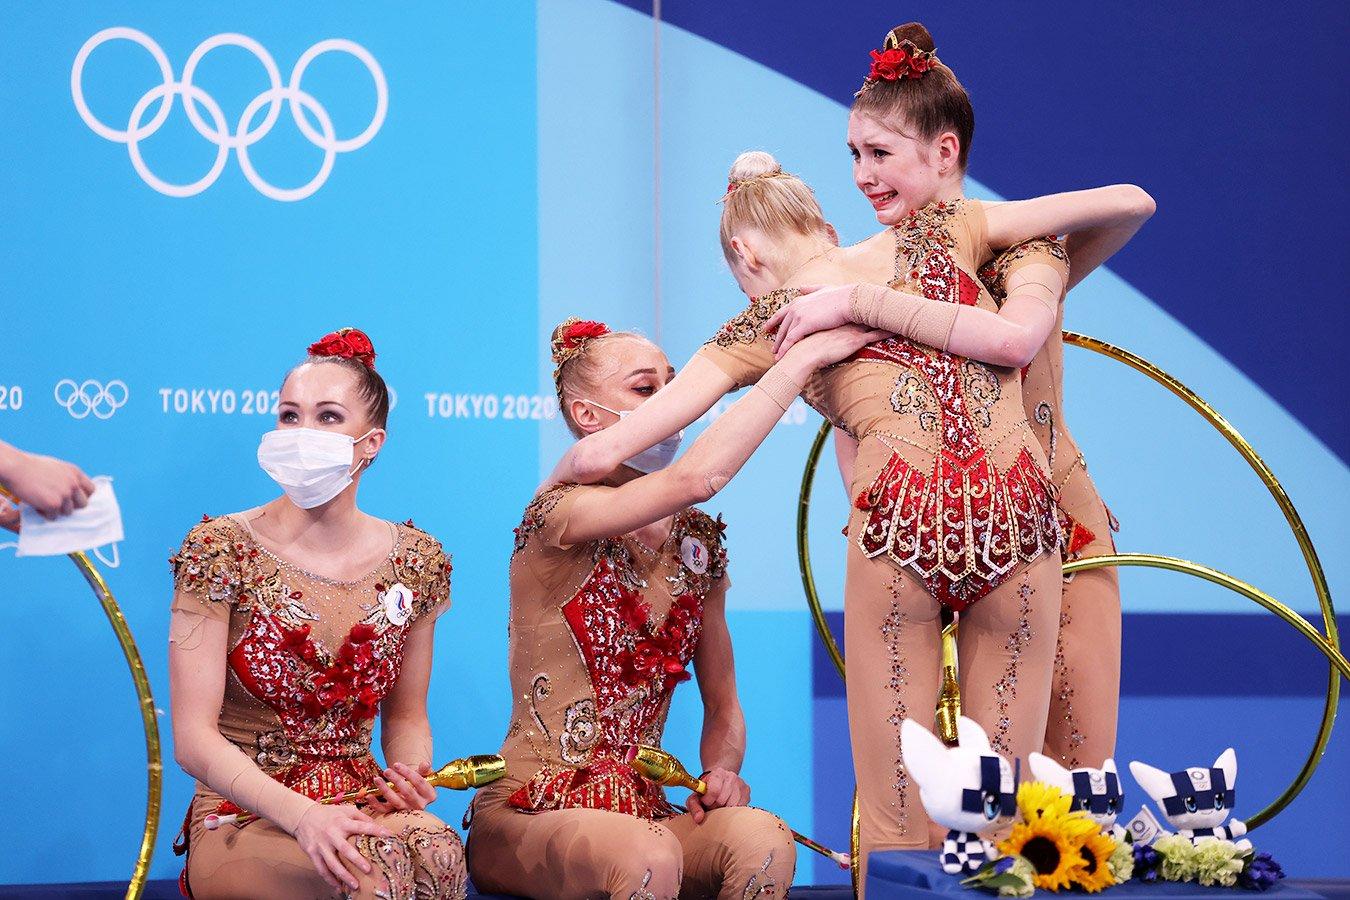 Россия заняла самое низкое место в истории своего участия в летних Играх с 1912 года